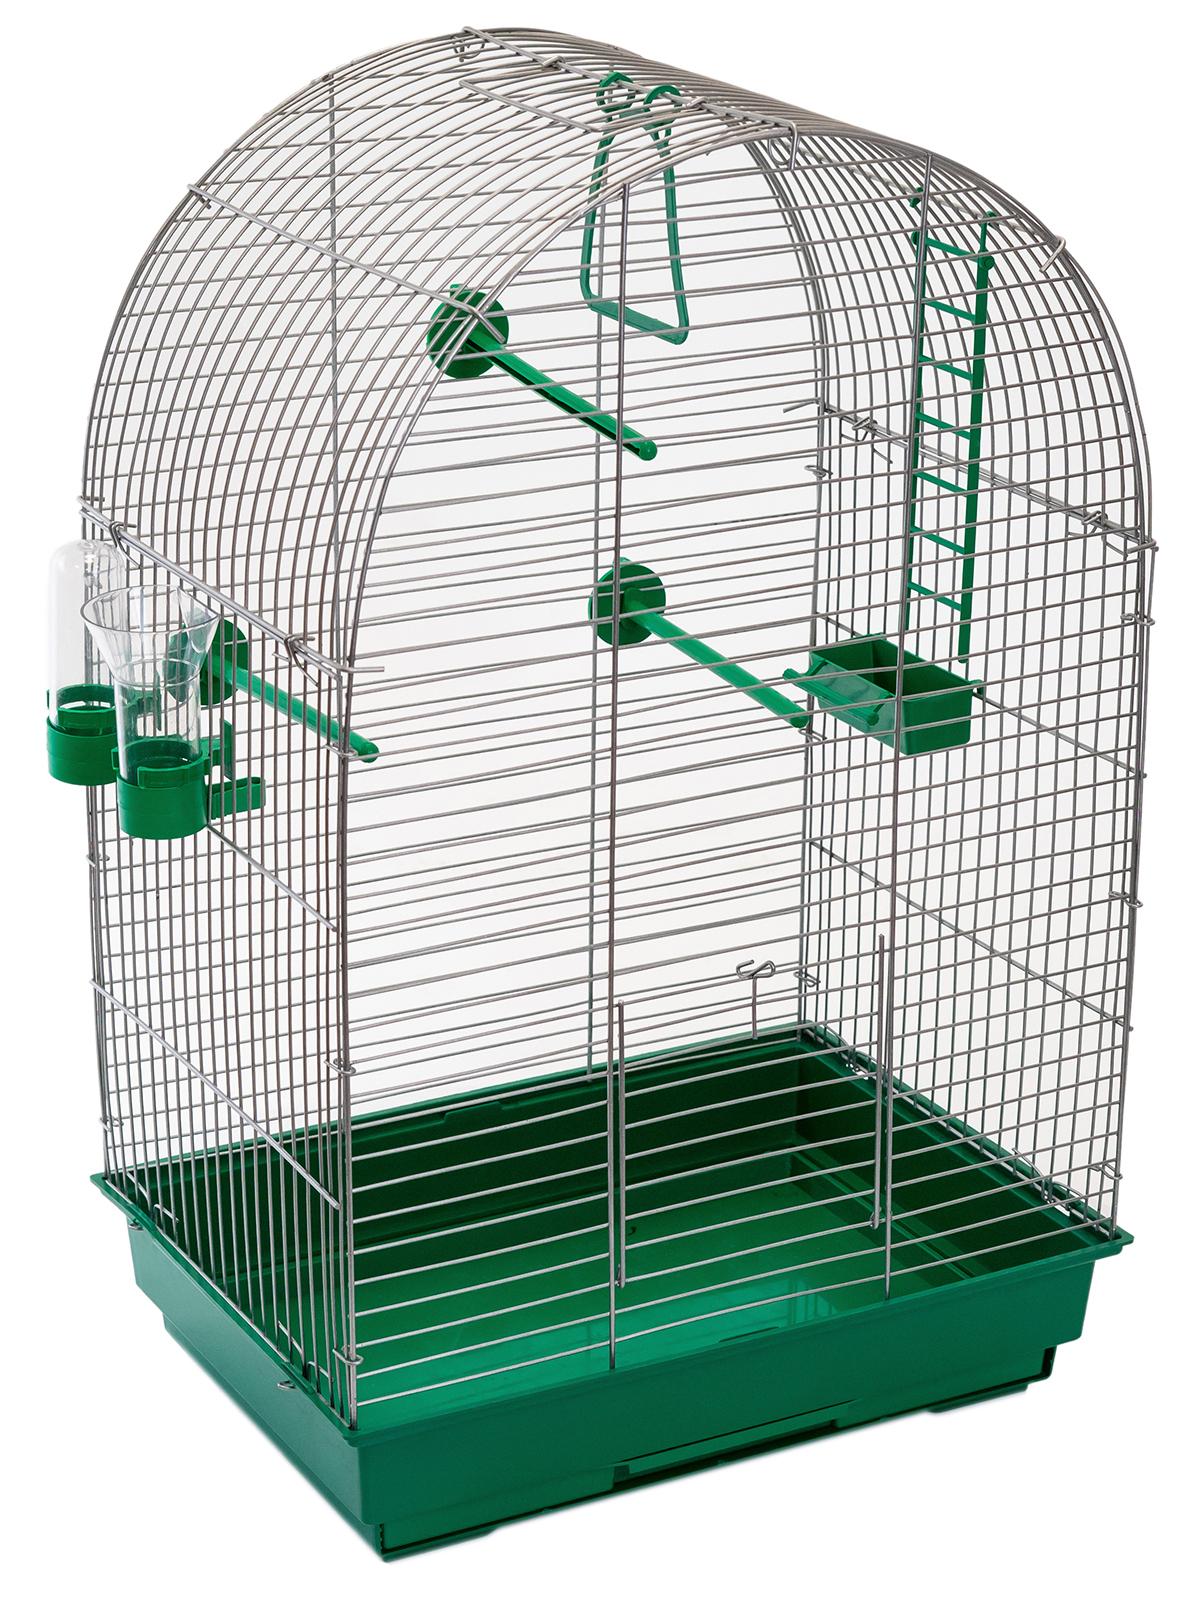 клетка для птиц, для попугаев pettails кеша, разборная, шаг прута 12мм,42*30*65 (поилка,кормушка,жердочки) изумрудный